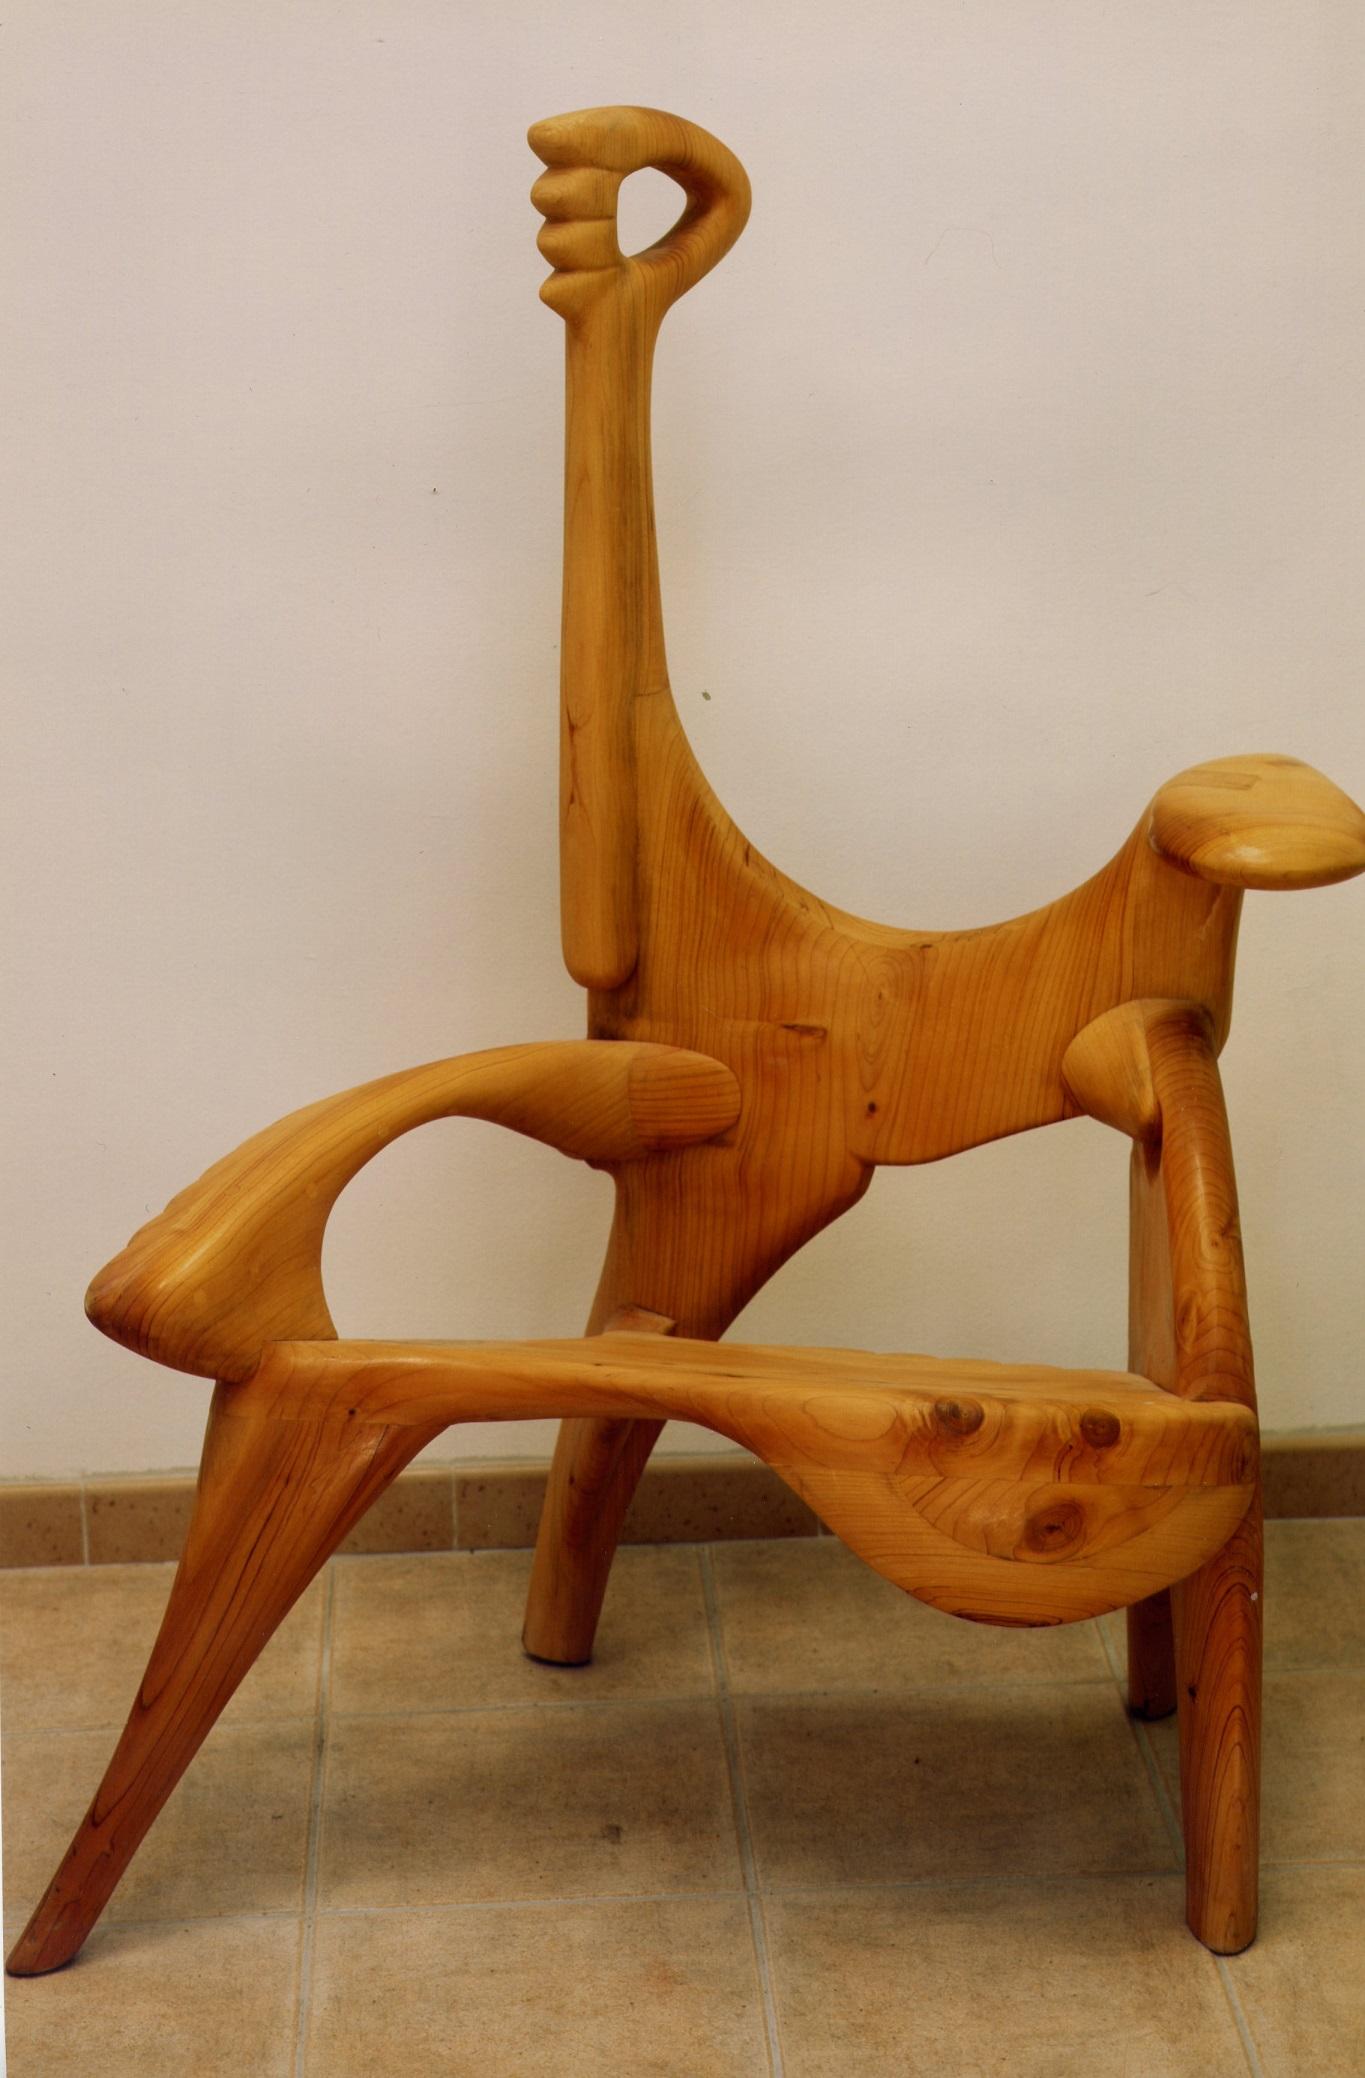 chaise cedre du liban 1995 carrarre